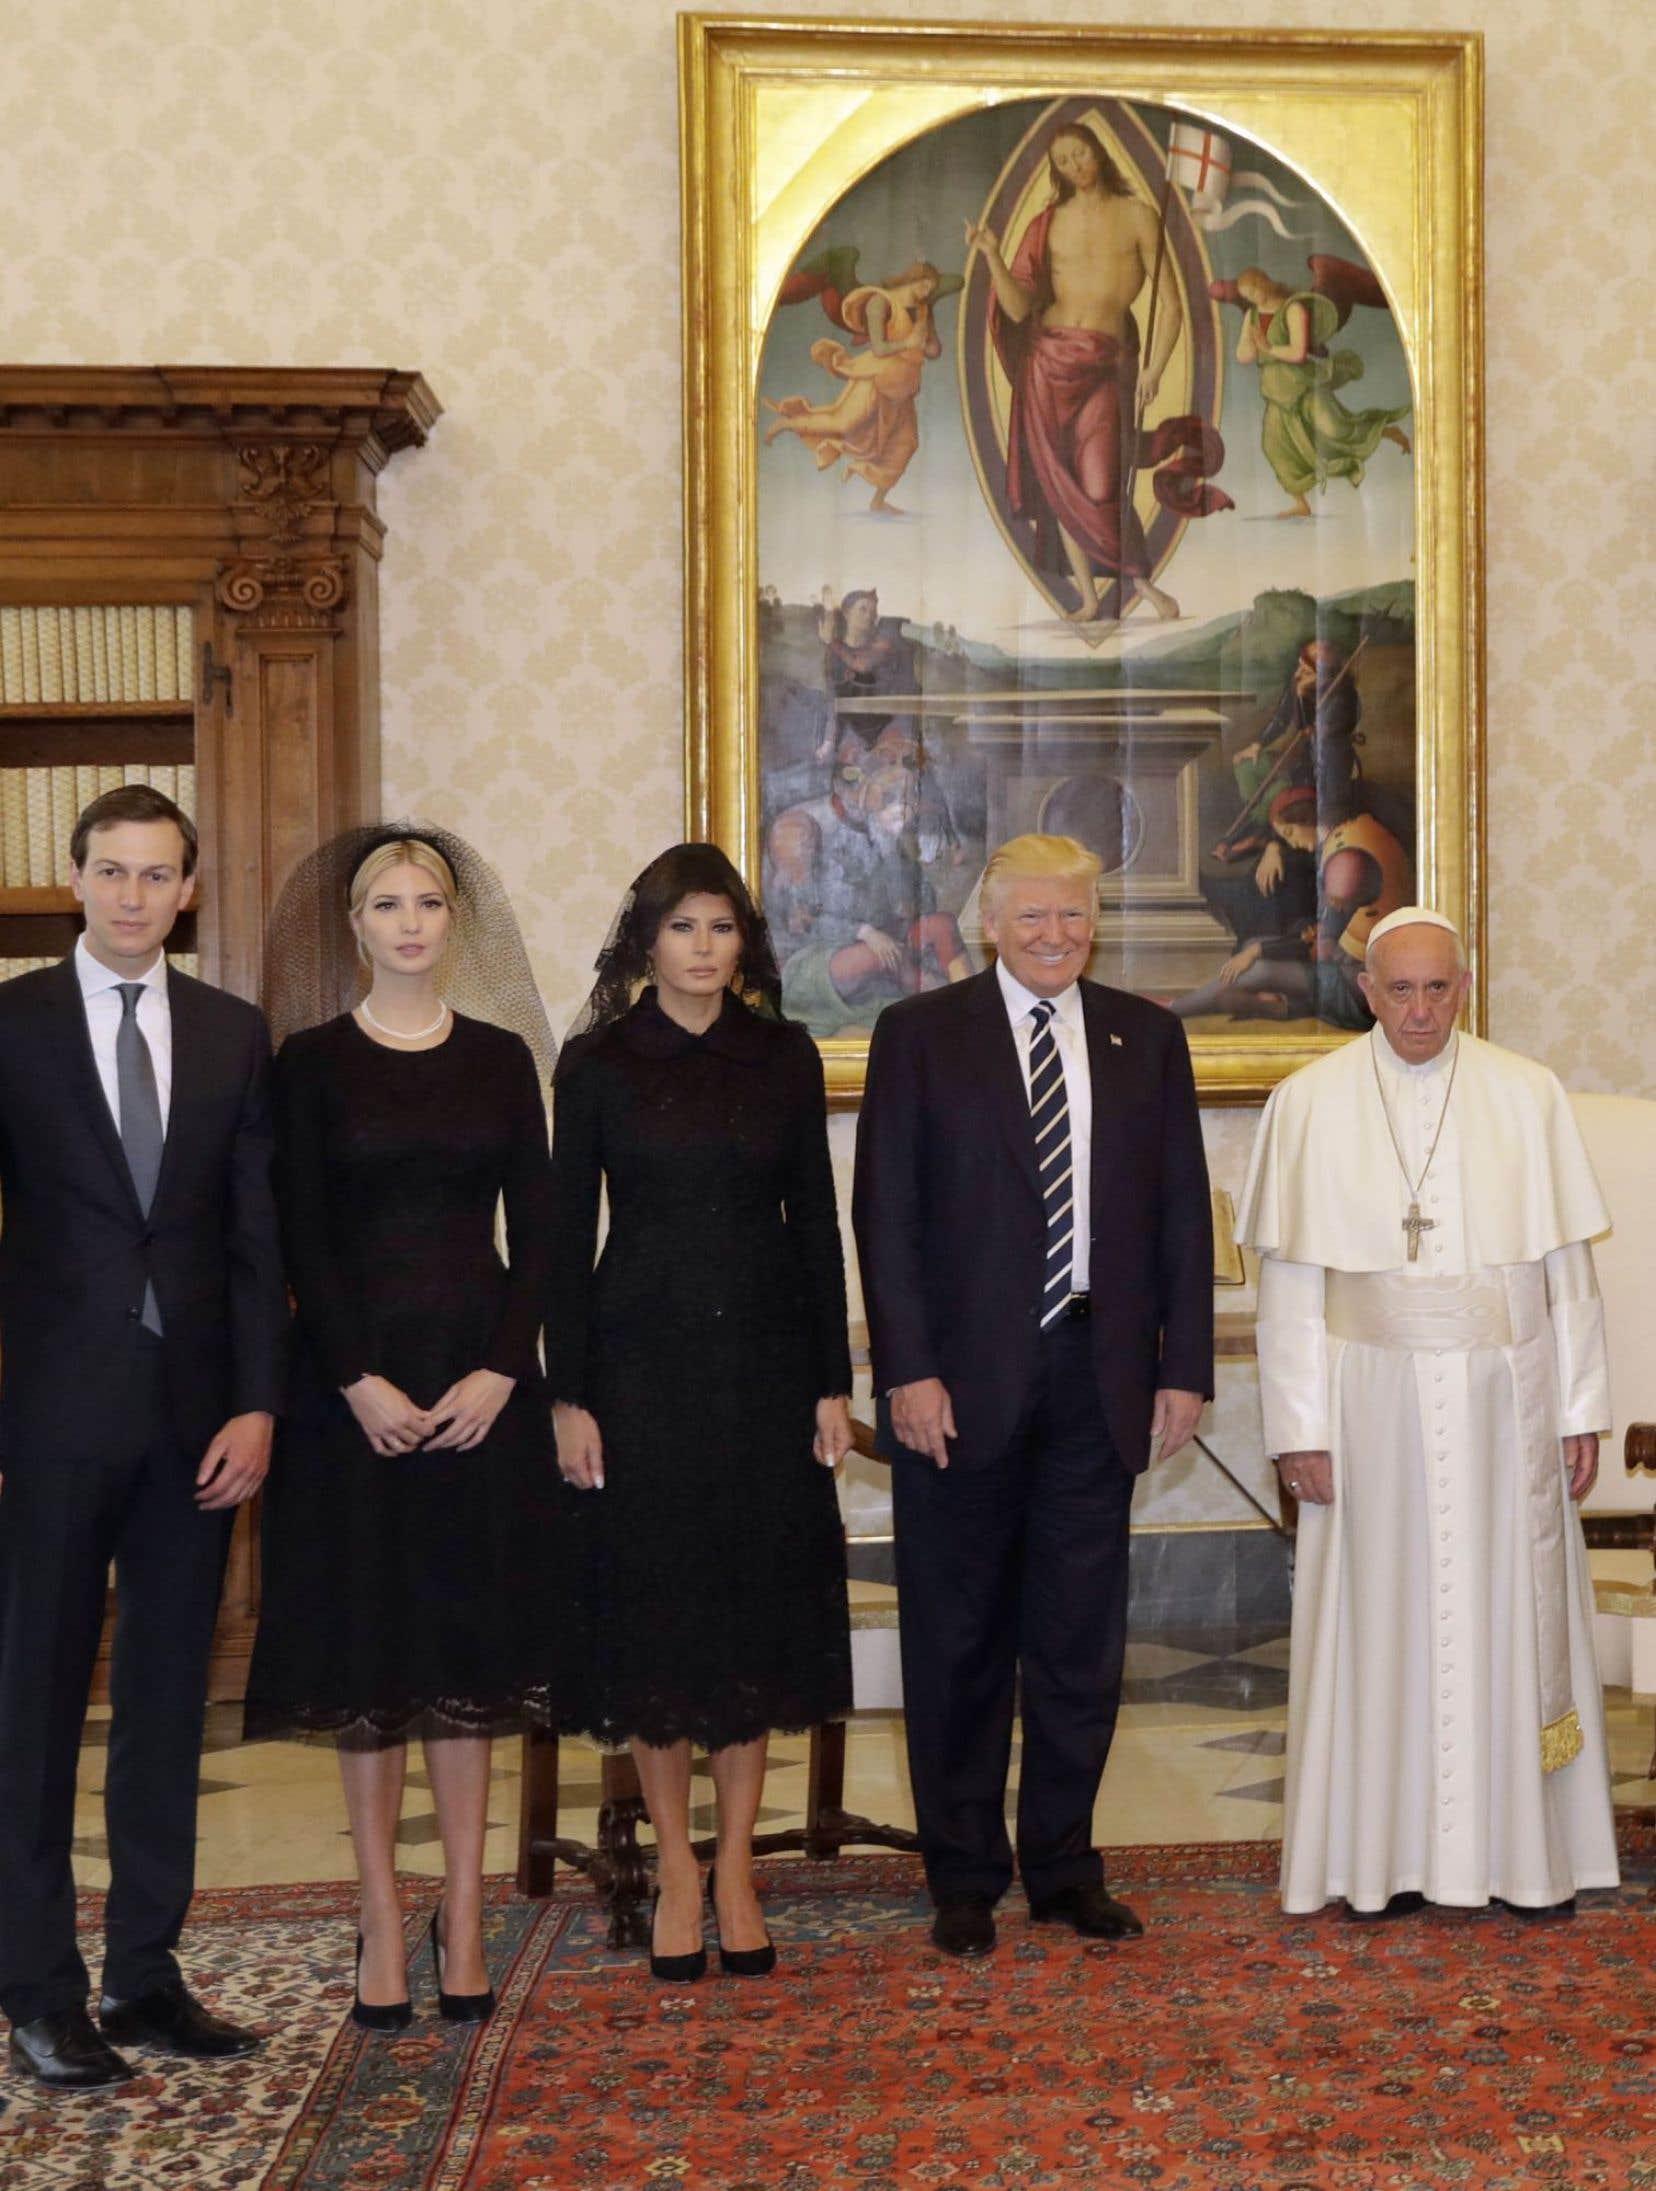 Le président américain Donald Trump a rencontré le pape François en compagnie de sa fille Ivanka et de sa femme, Melania.